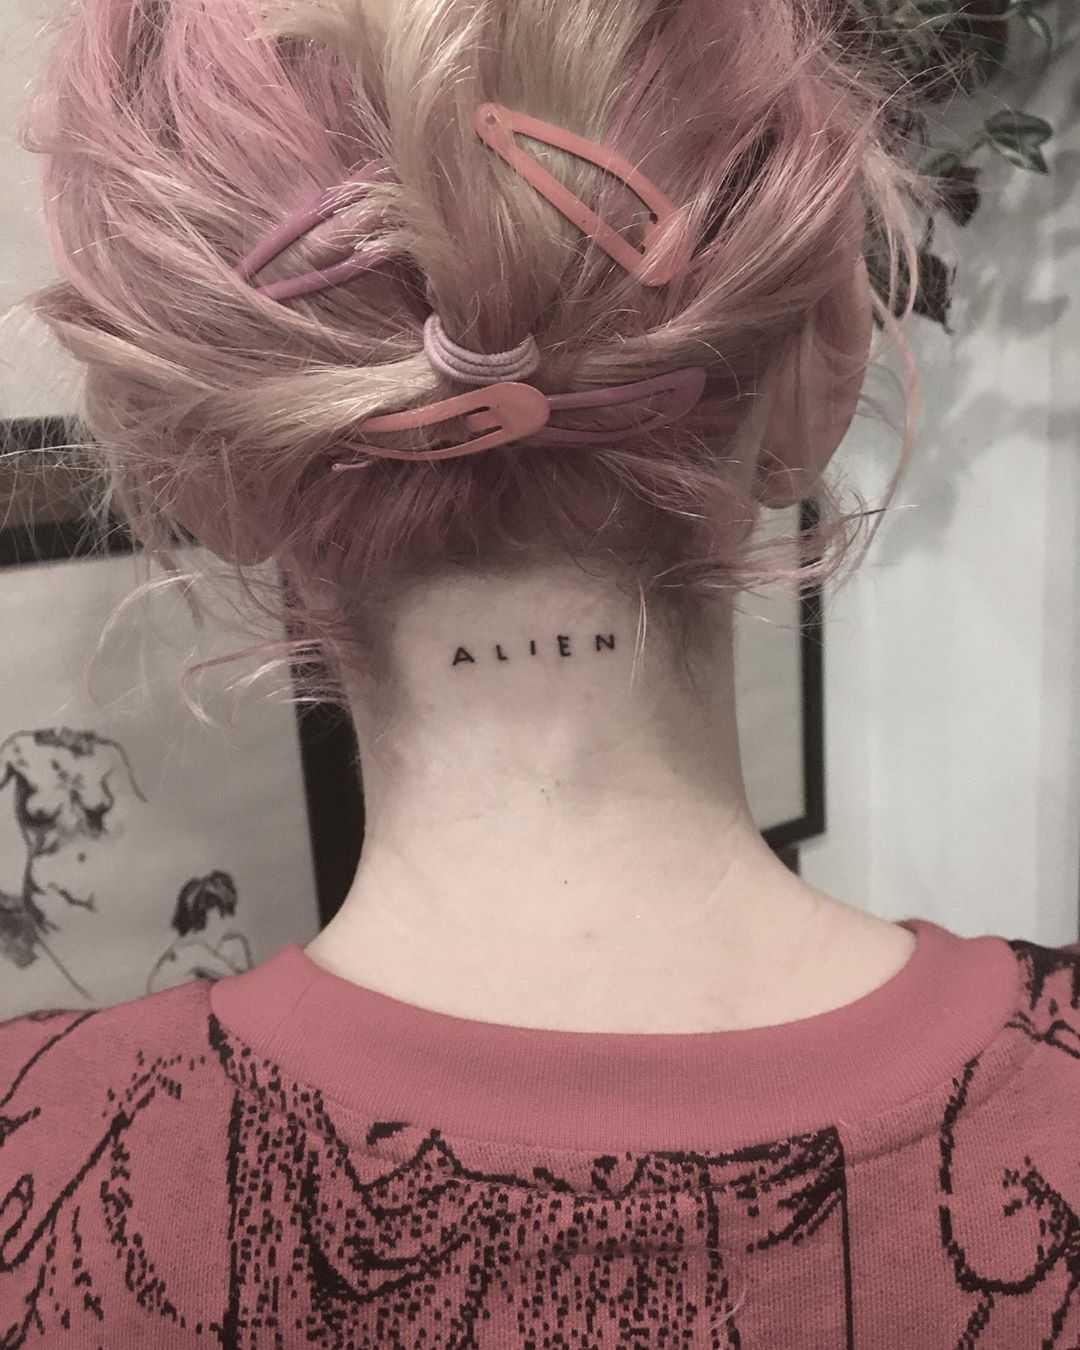 Alien tattoo by Robbie Ra Moore